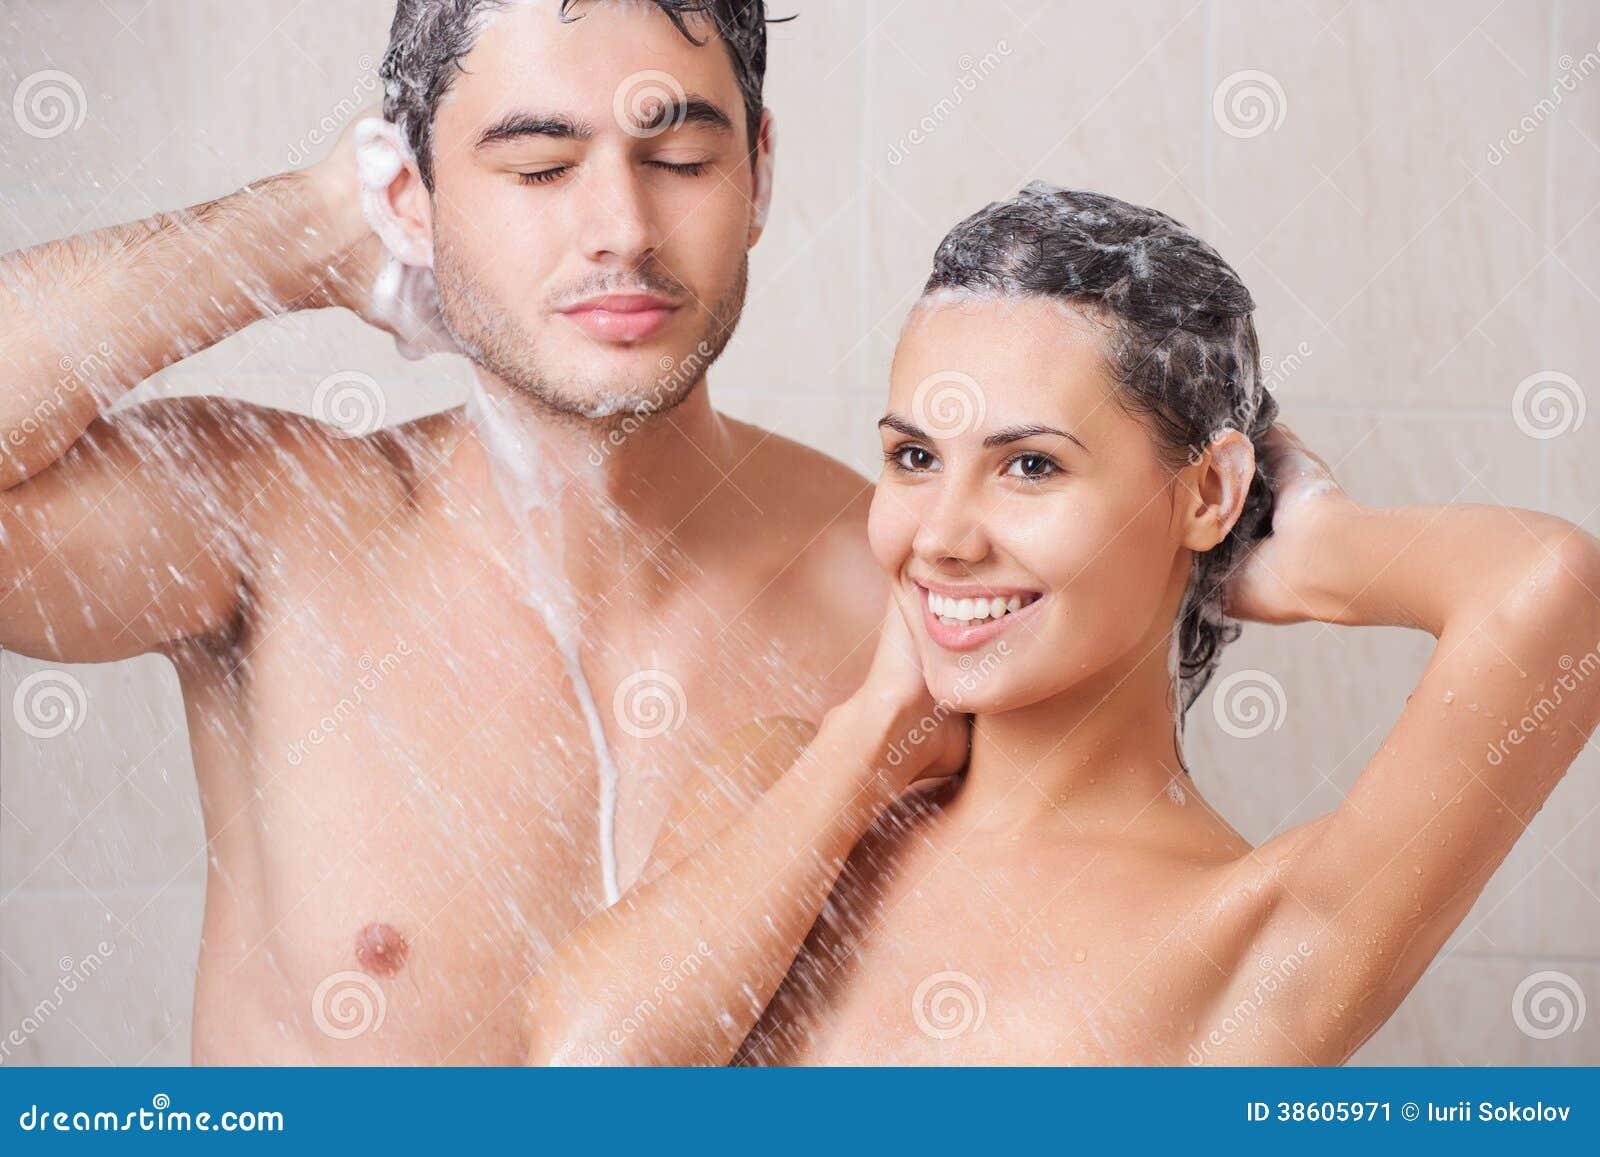 Сэкс в душе, Порно в душе и с душой онлайн бесплатно на 24 видео 39 фотография